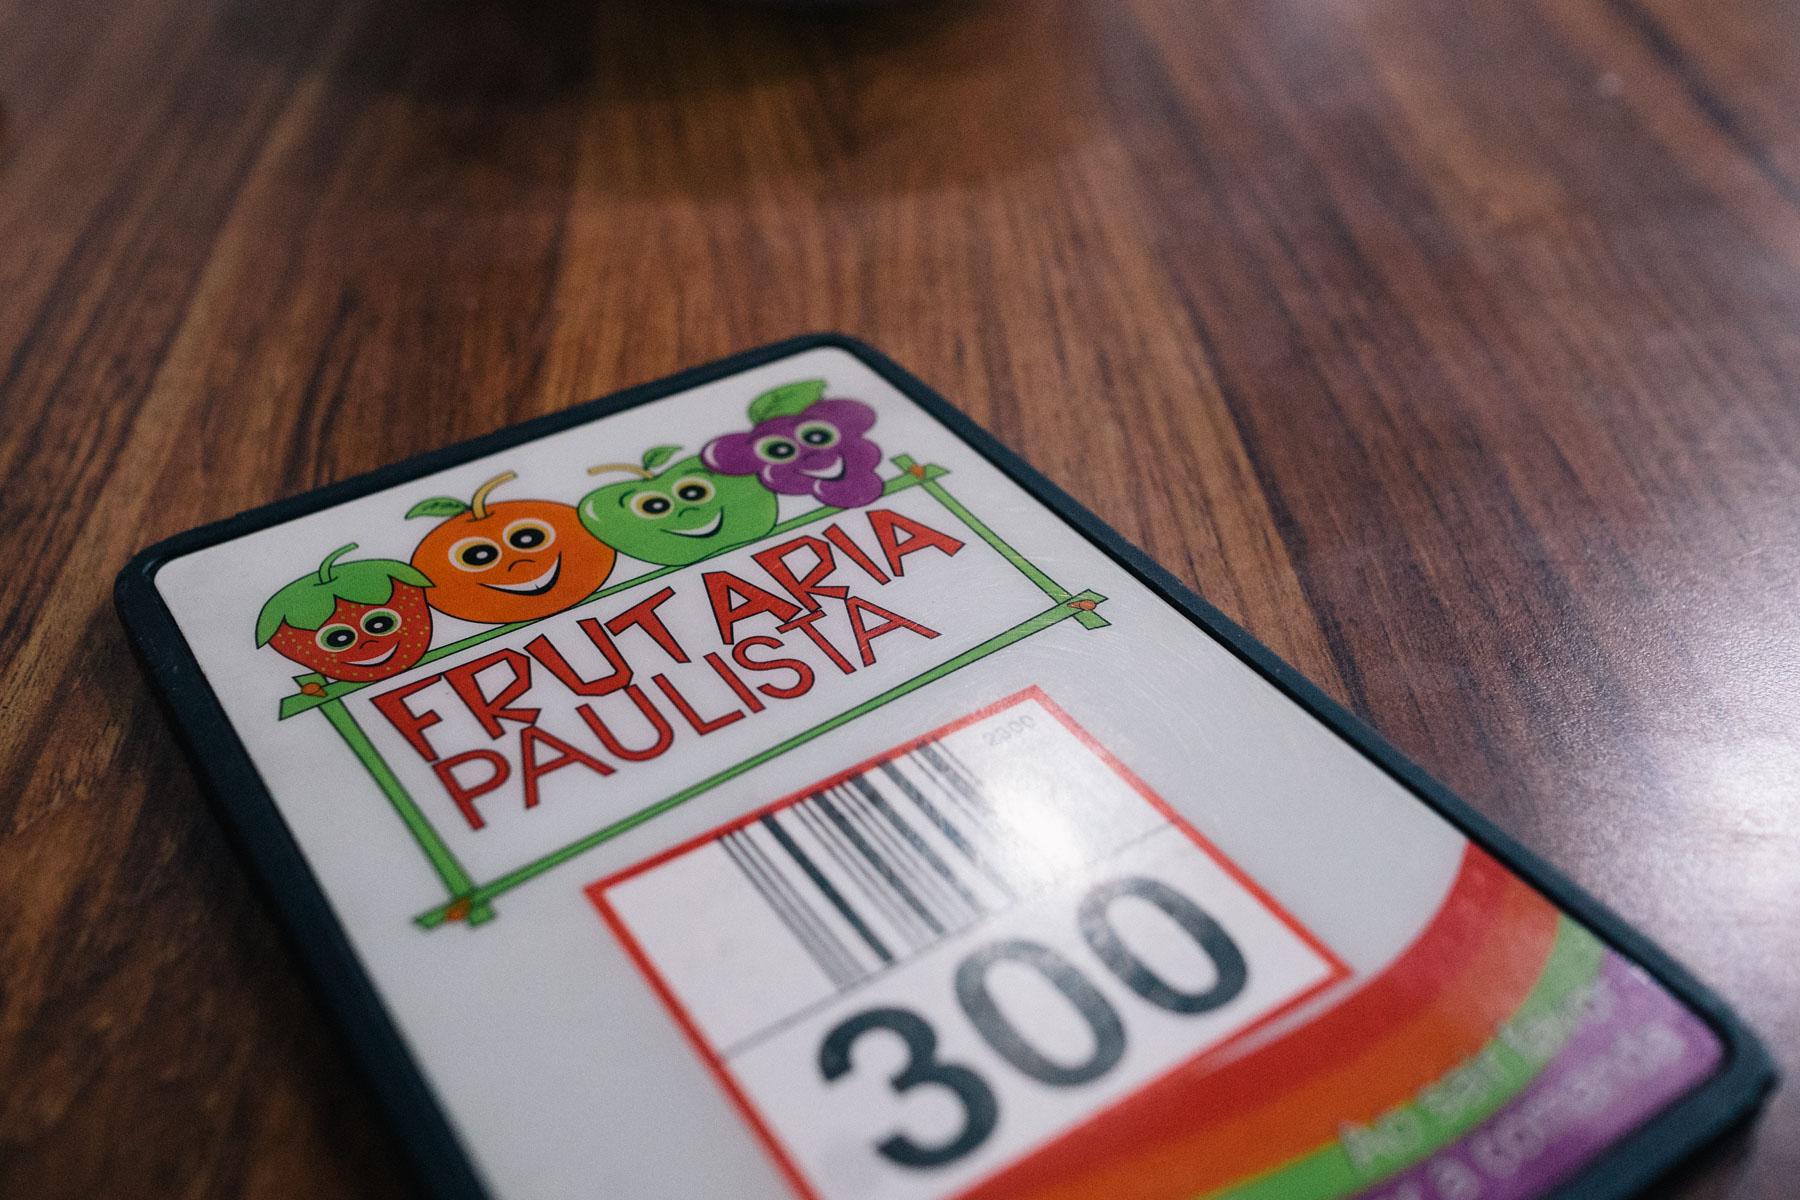 best-acai-sao-paulo-brazil-juice-snacks-bibi-paulista-avenue-frutaria-6